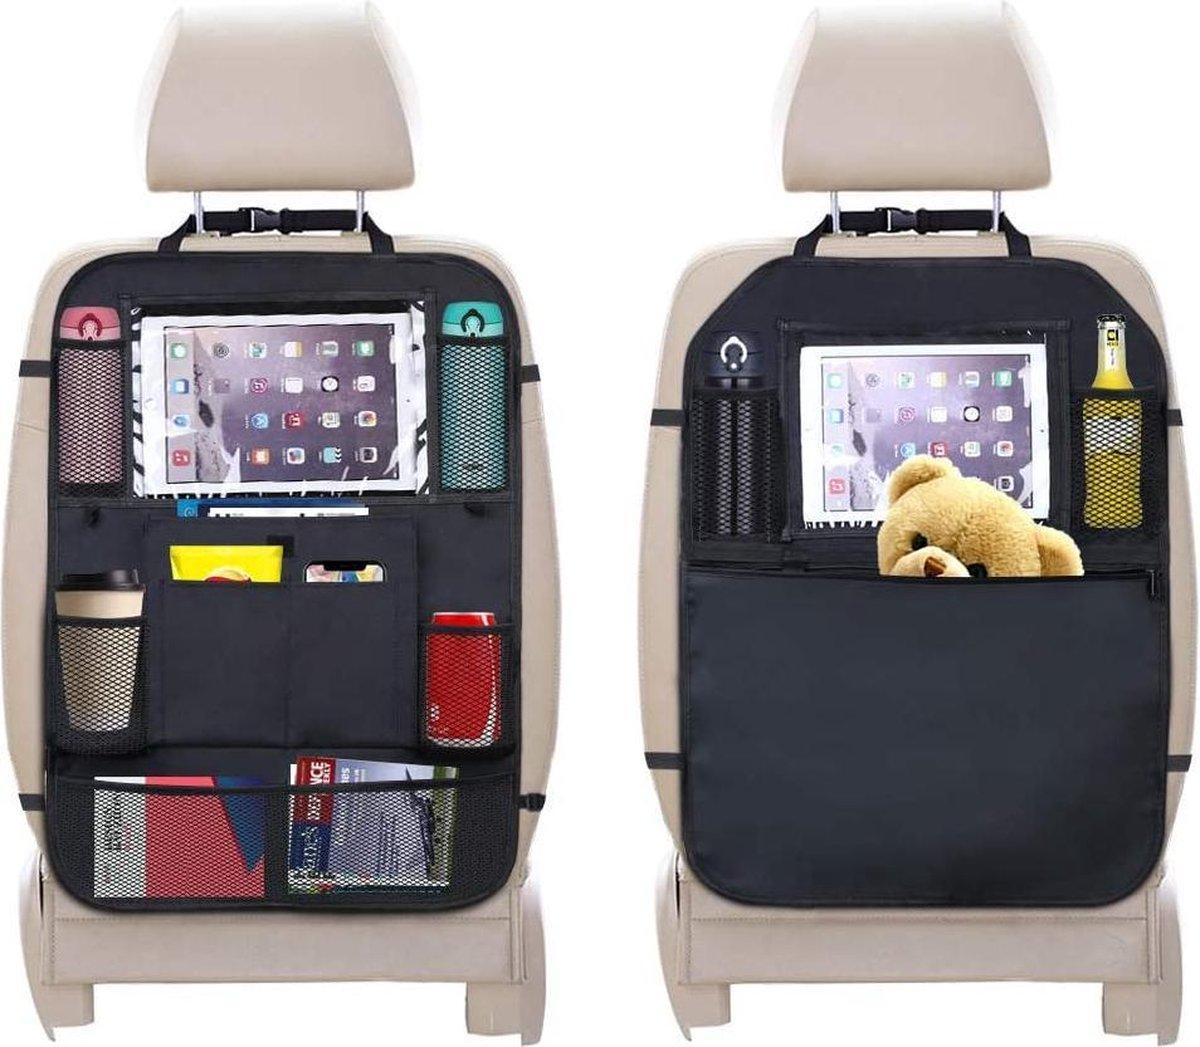 Autostoelbeschermer, 2 stuks achterbank-organizer voor kinderen, doorzichtige iPad tablethouder, autostoelbeschermer, waterdicht, kick-matten, bescherming in universele pasvorm